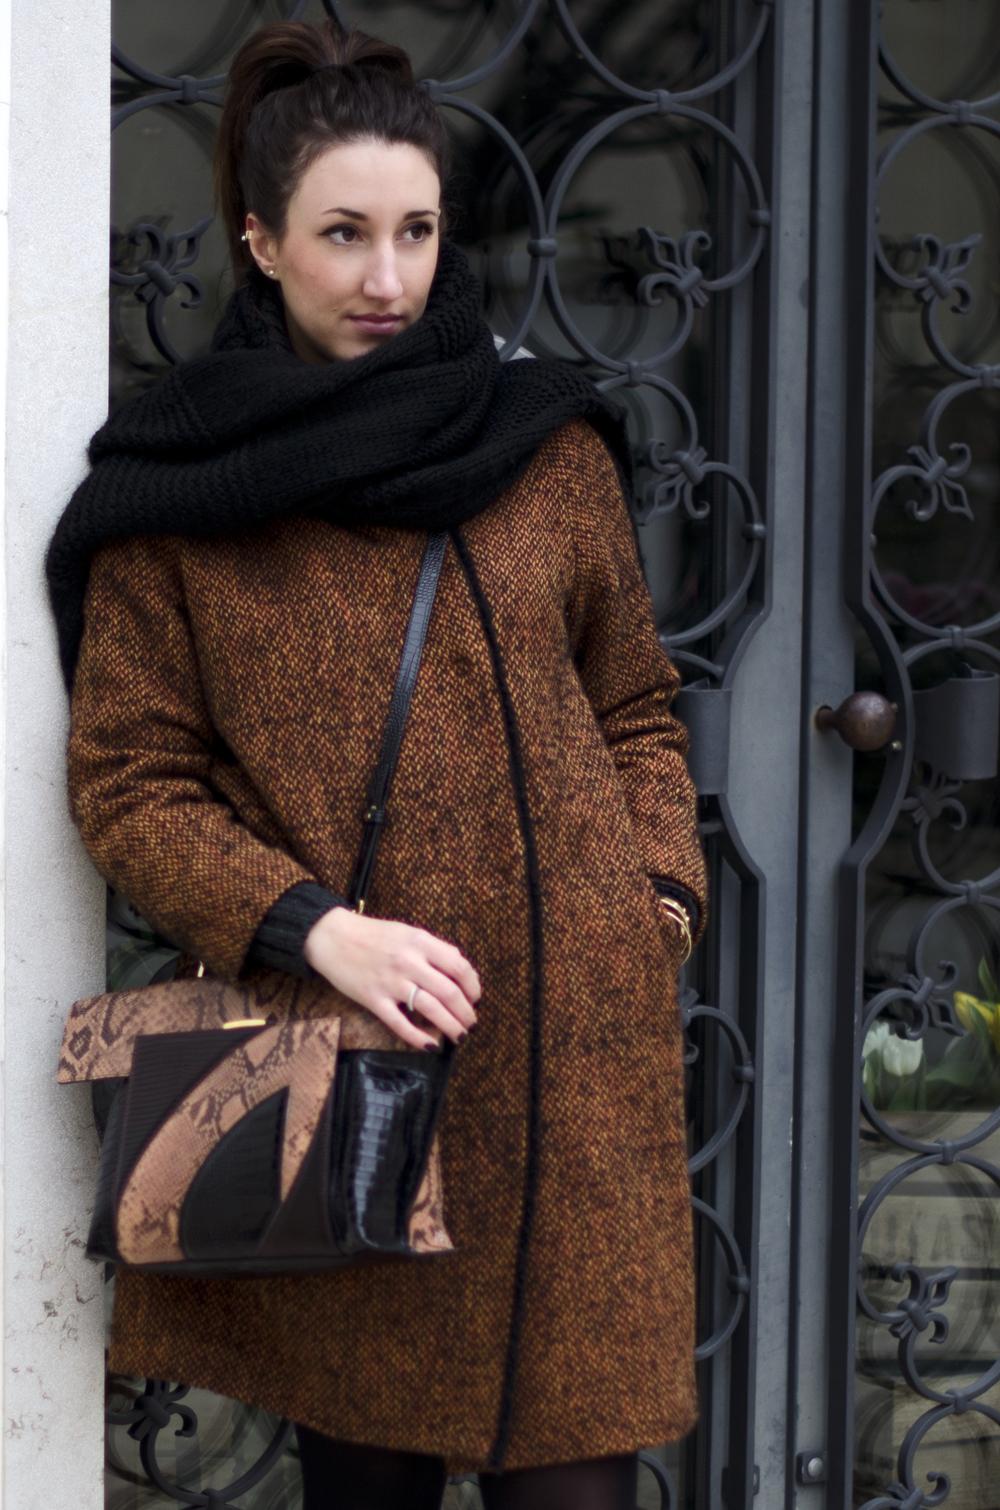 Maglione A Trecce E Cappotto Oversize Per Un Look Invernale